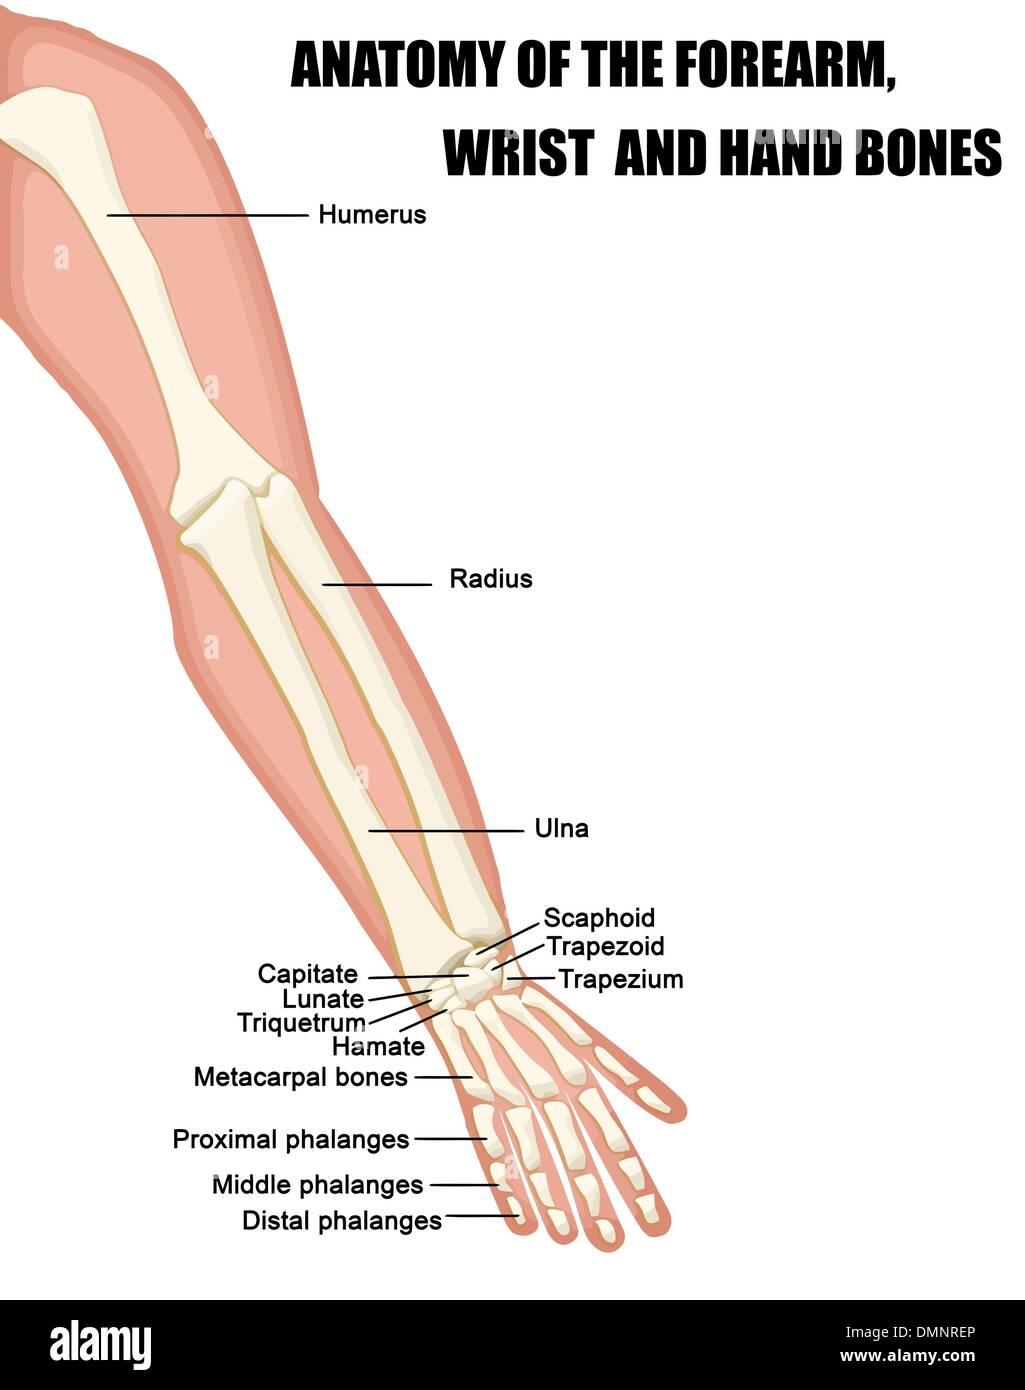 Wrist Bones Imágenes De Stock & Wrist Bones Fotos De Stock - Alamy